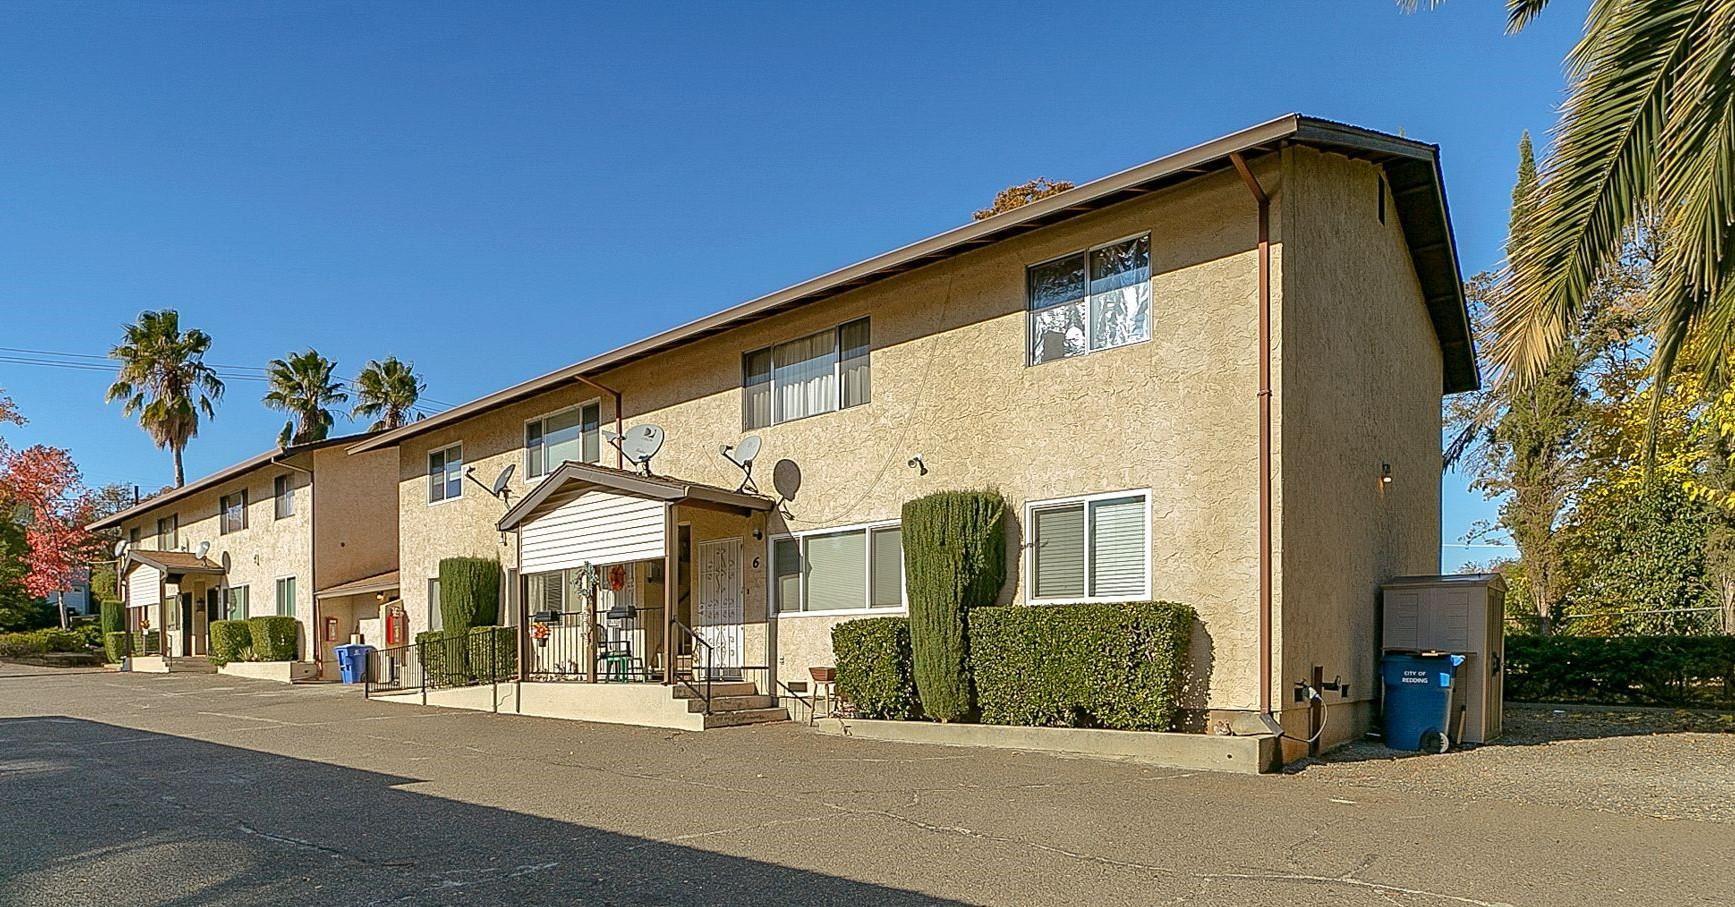 1421 Olive Ave, Redding, CA 96001 - MLS#: 20-5652